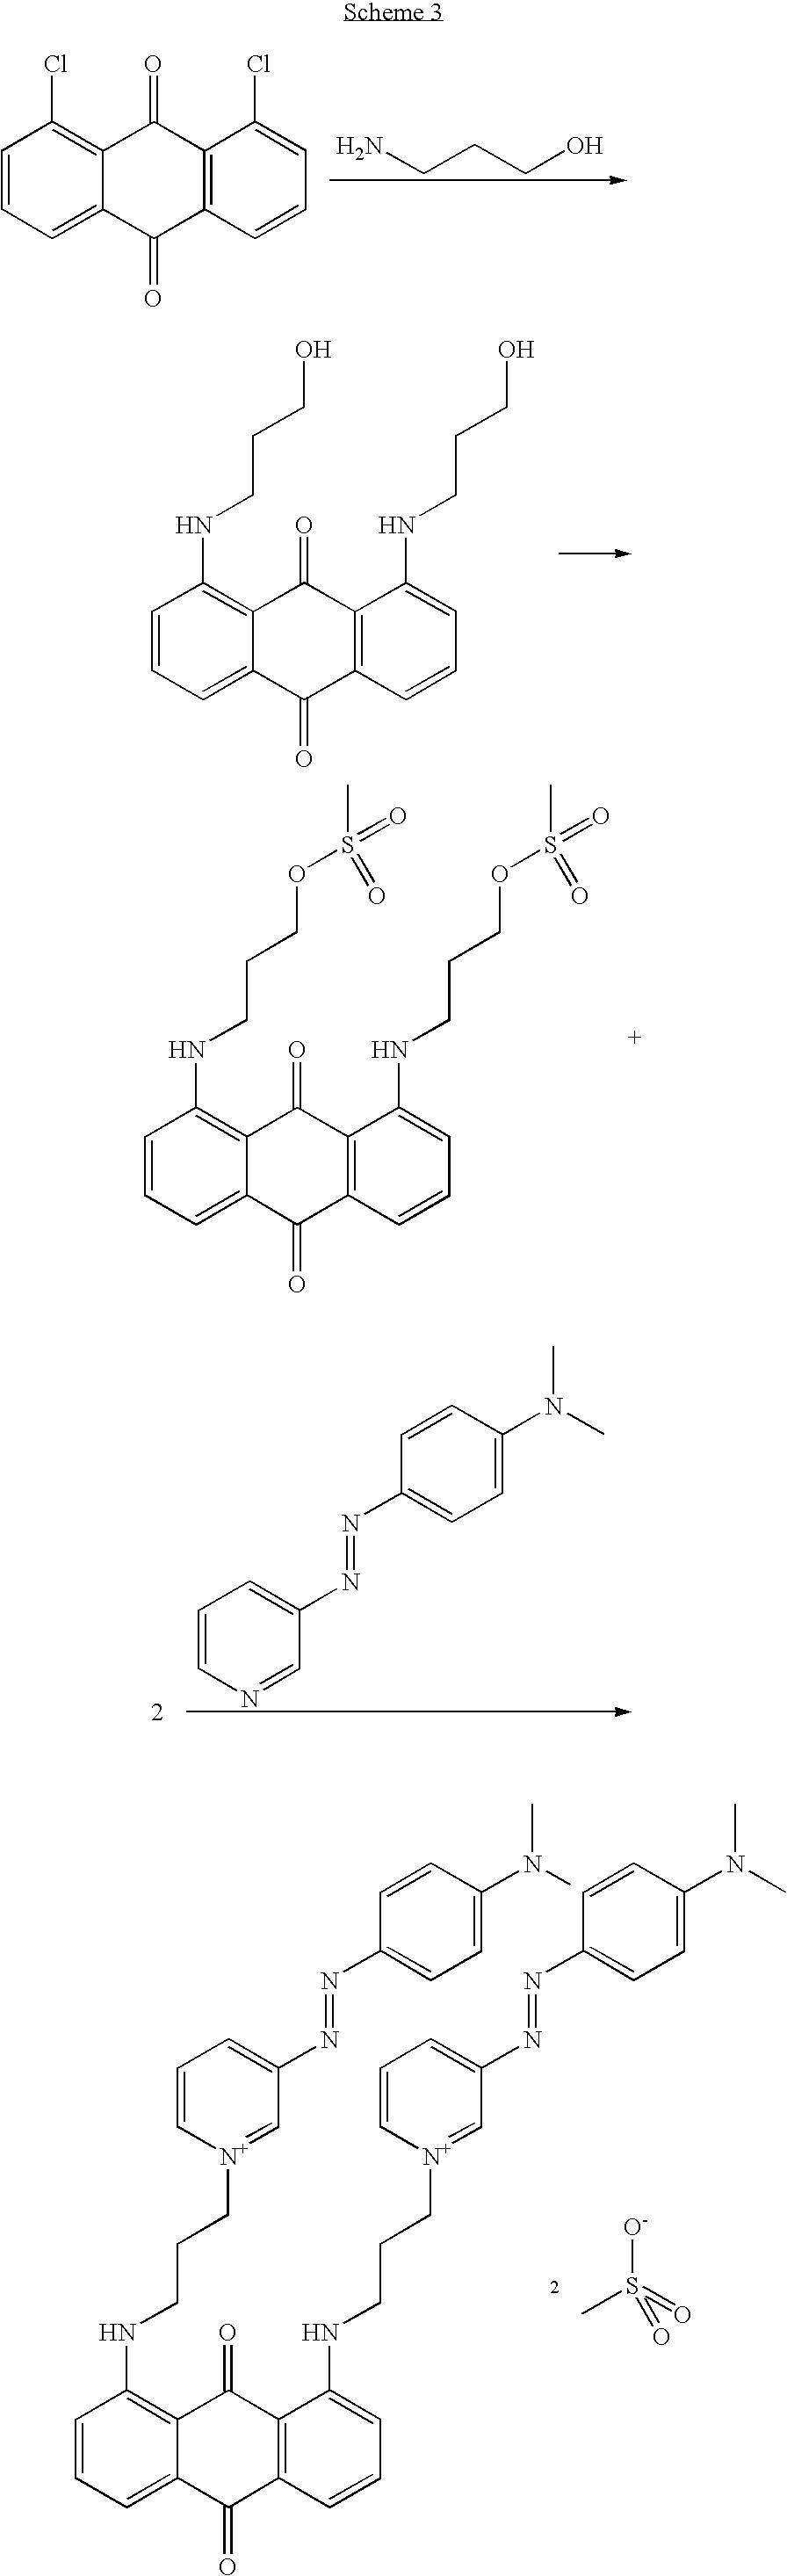 Figure US07582122-20090901-C00043